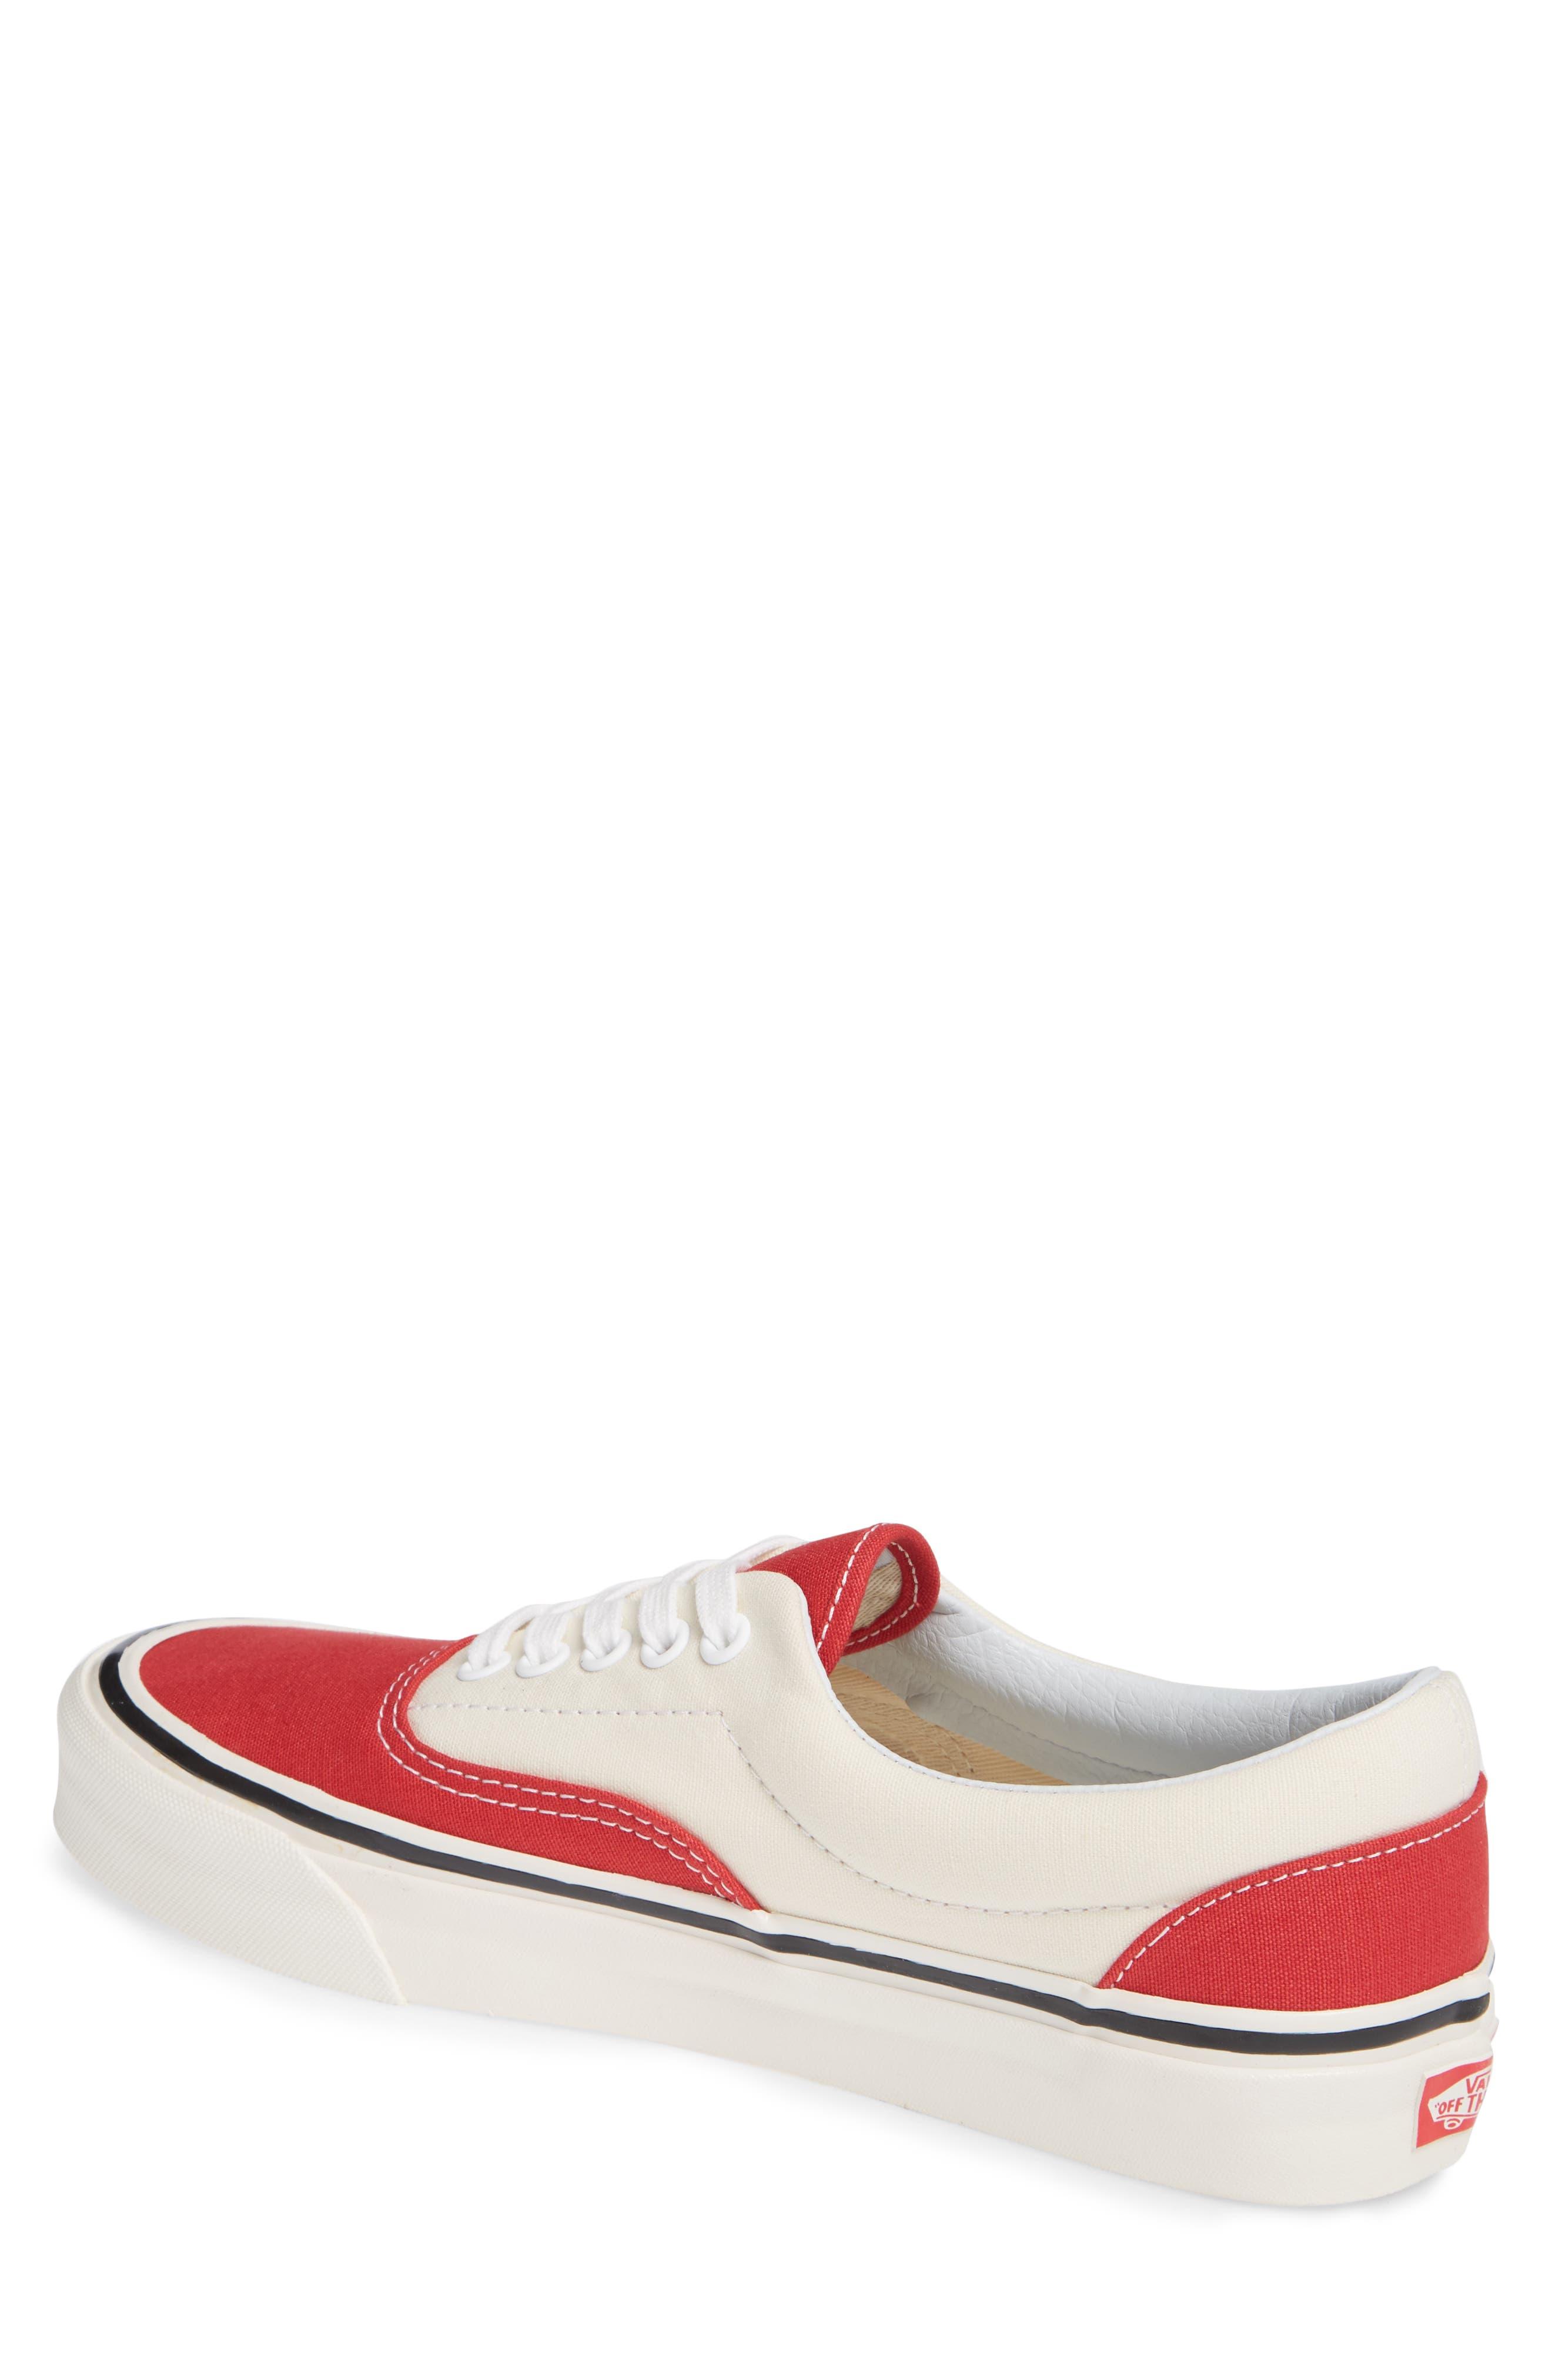 Anaheim Factory Era 95 DX Sneaker,                             Alternate thumbnail 2, color,                             OG RED/ OG WHITE CANVAS